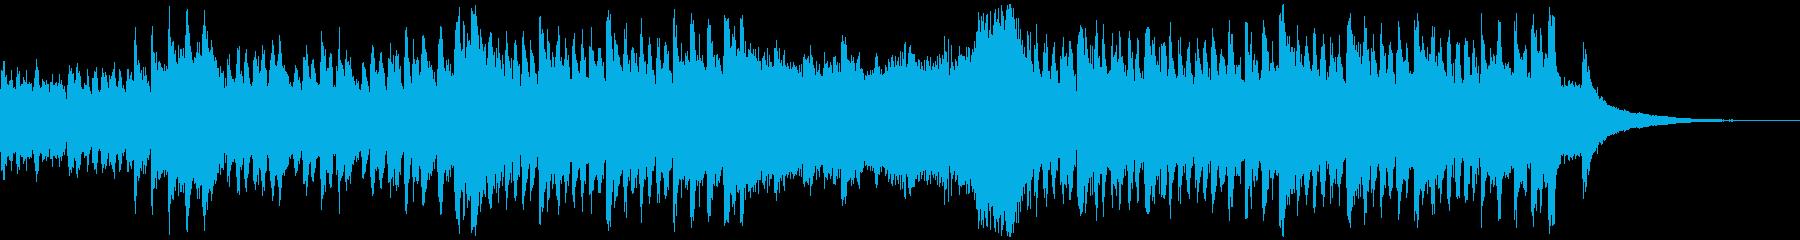 ハロウィン向けコミカルホラーの再生済みの波形